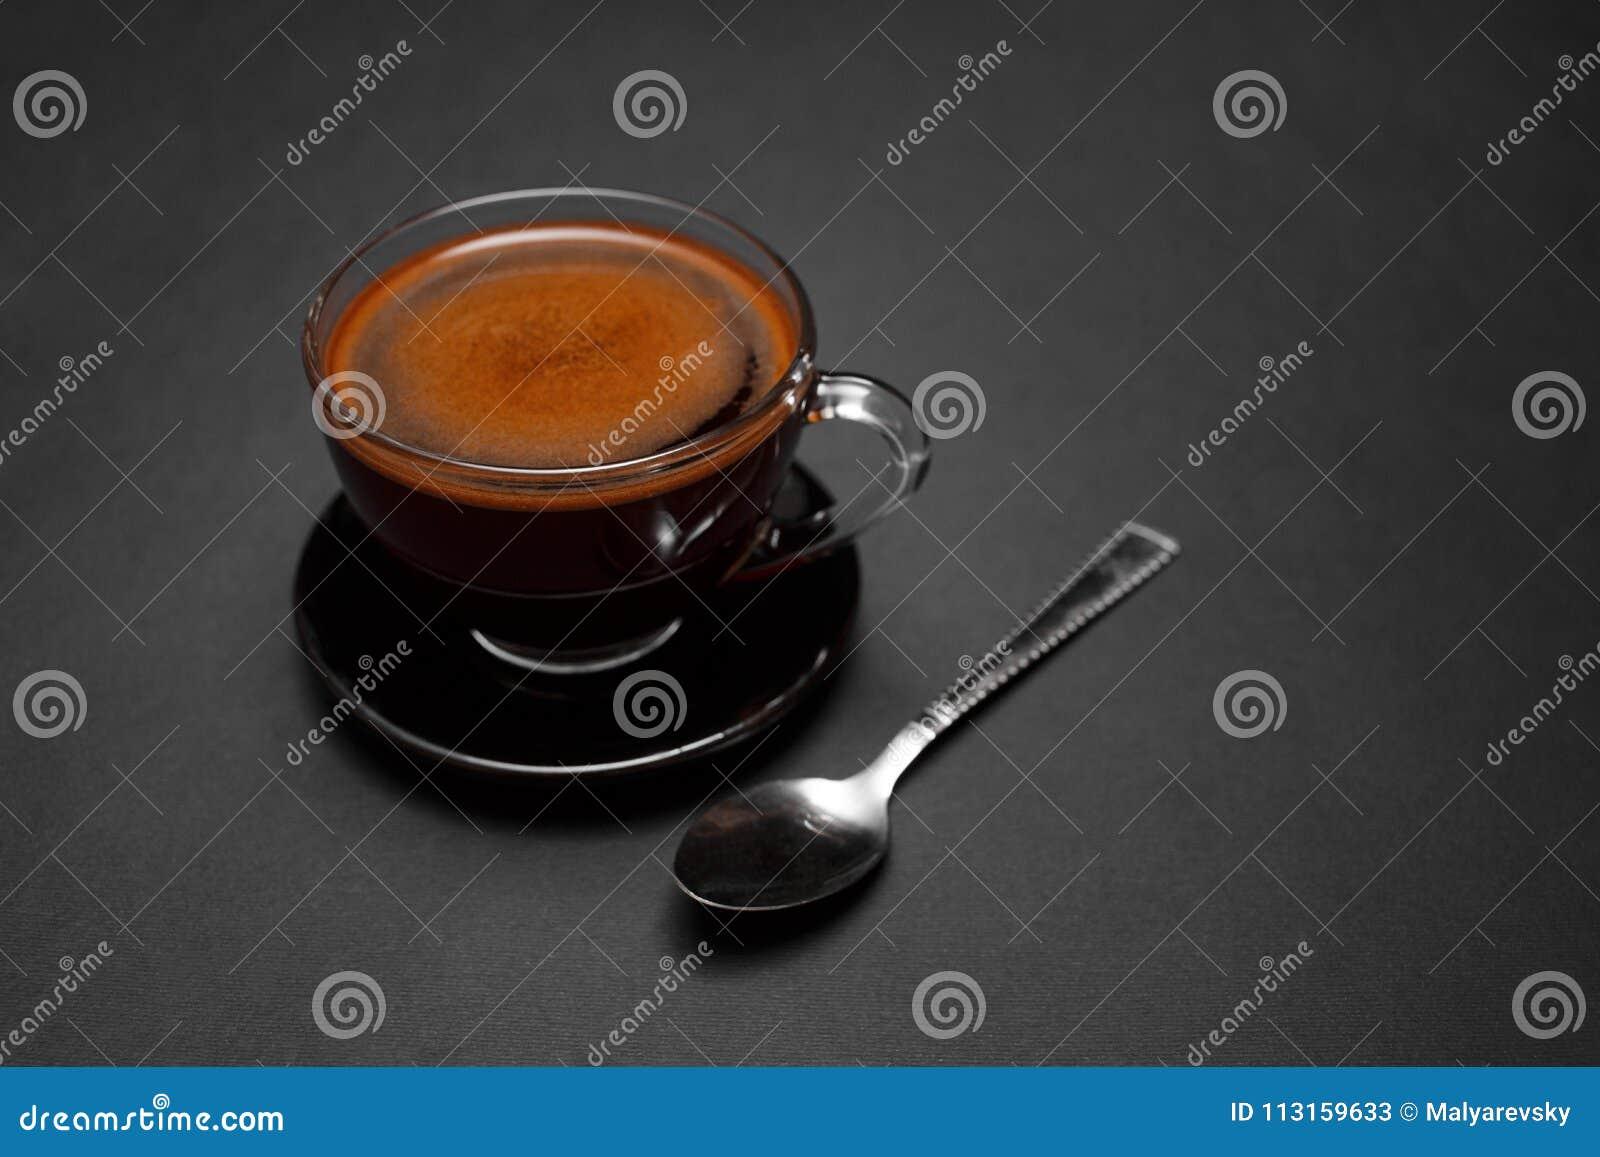 Черный, естественный, душистый кофе в прозрачной чашке на черной предпосылке